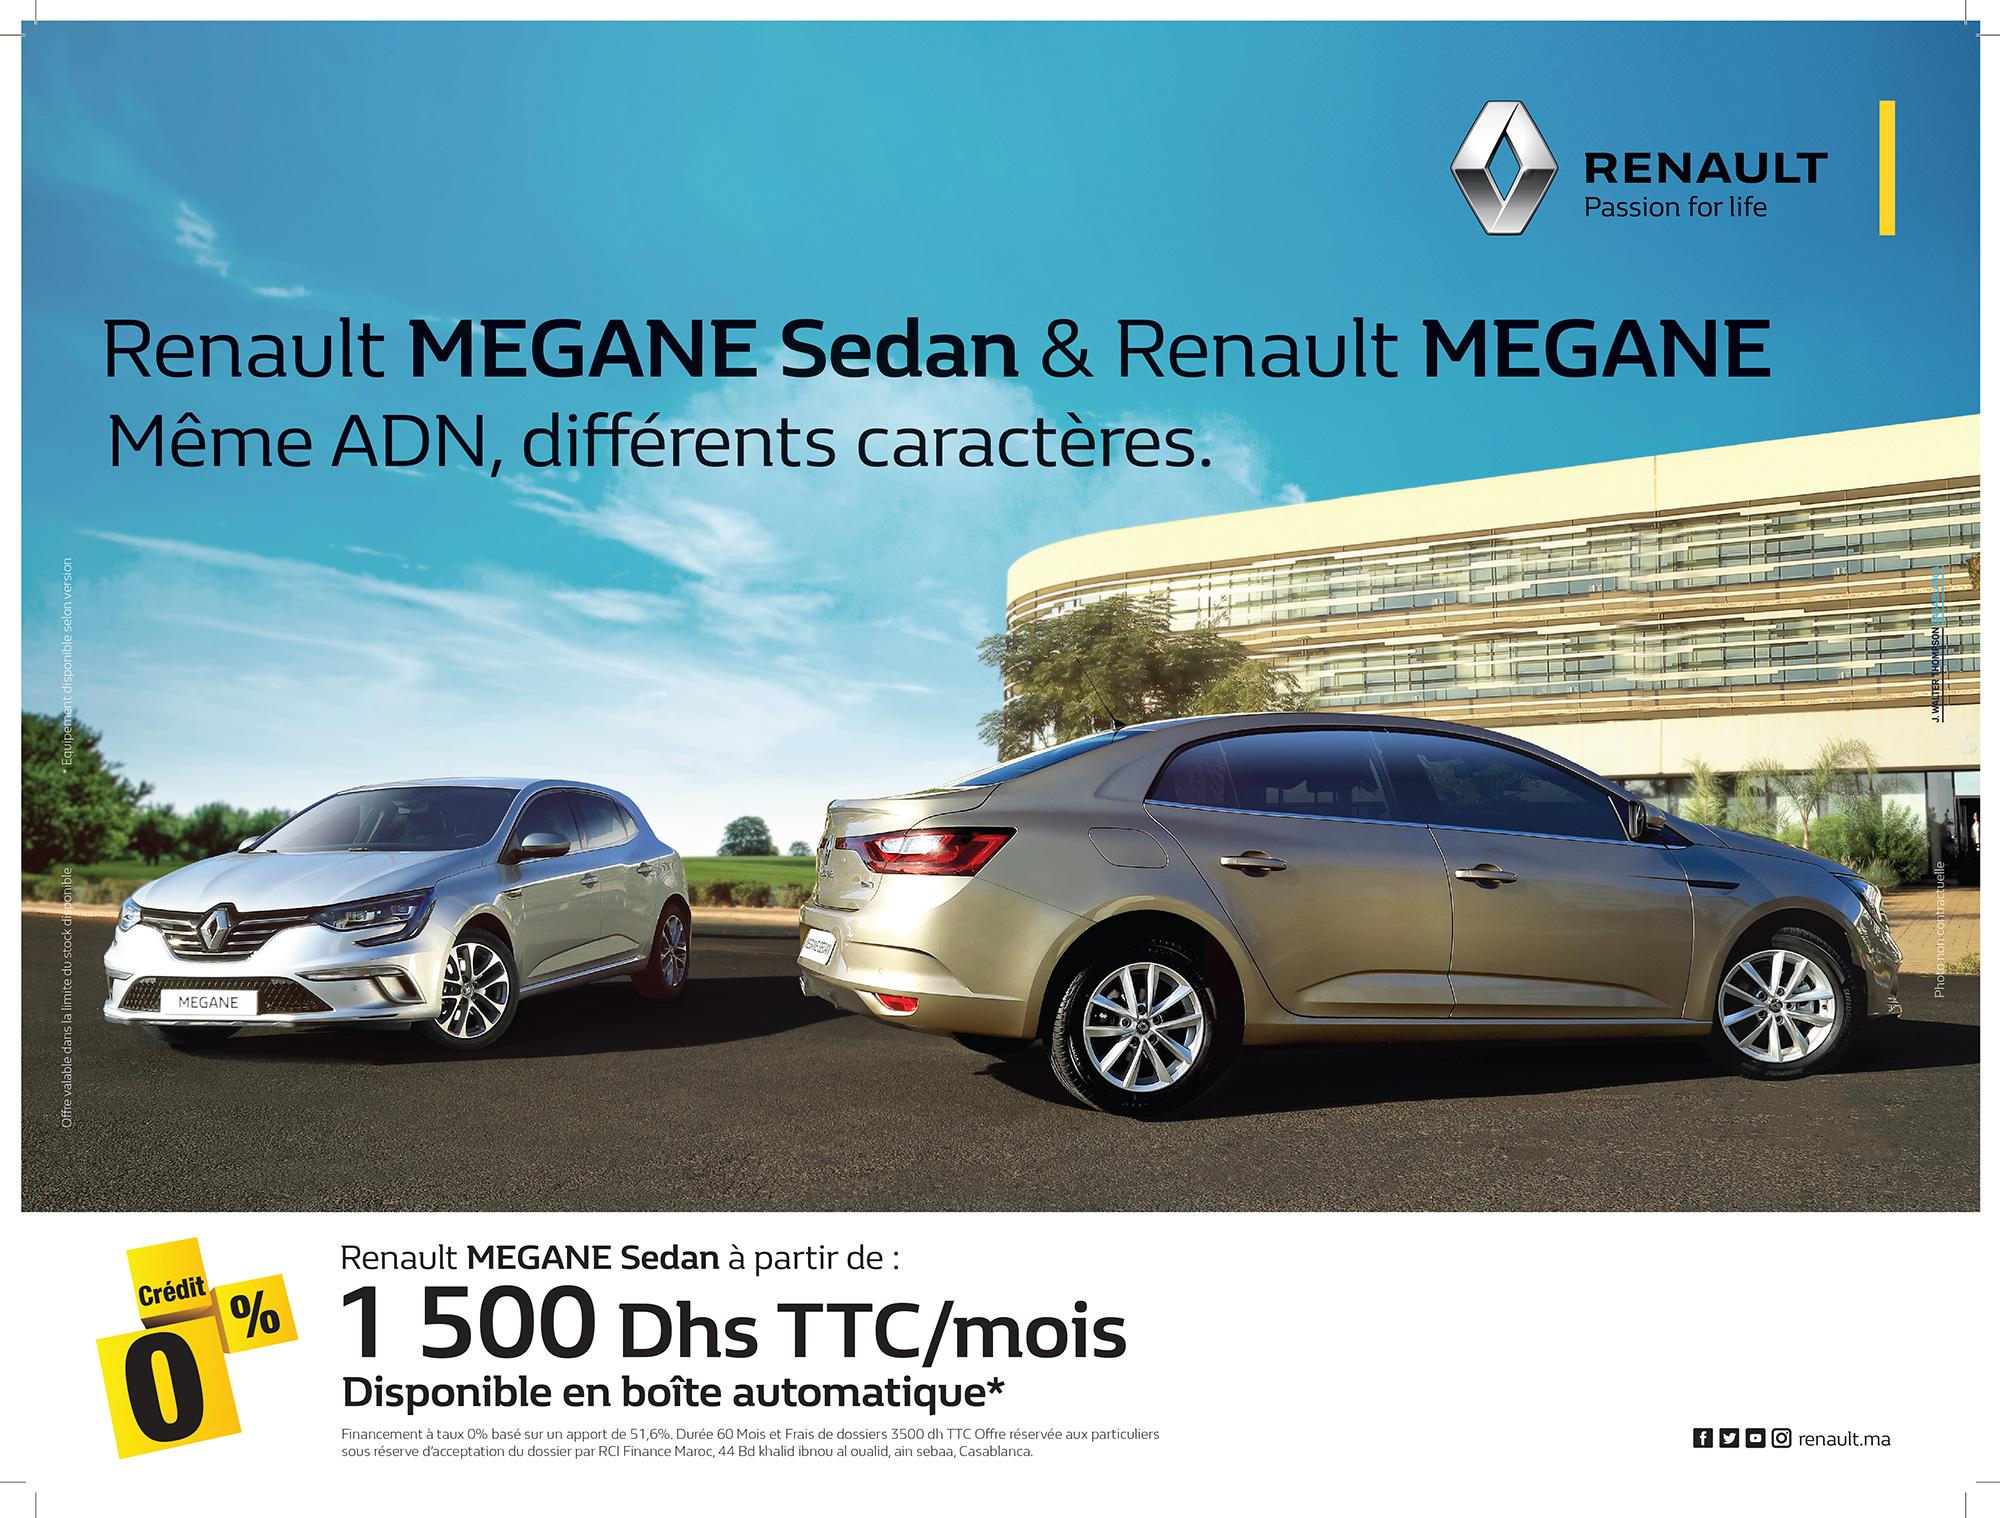 RENAULT-HD-4x3-Campagne-Mégane-Sedan+.jpg